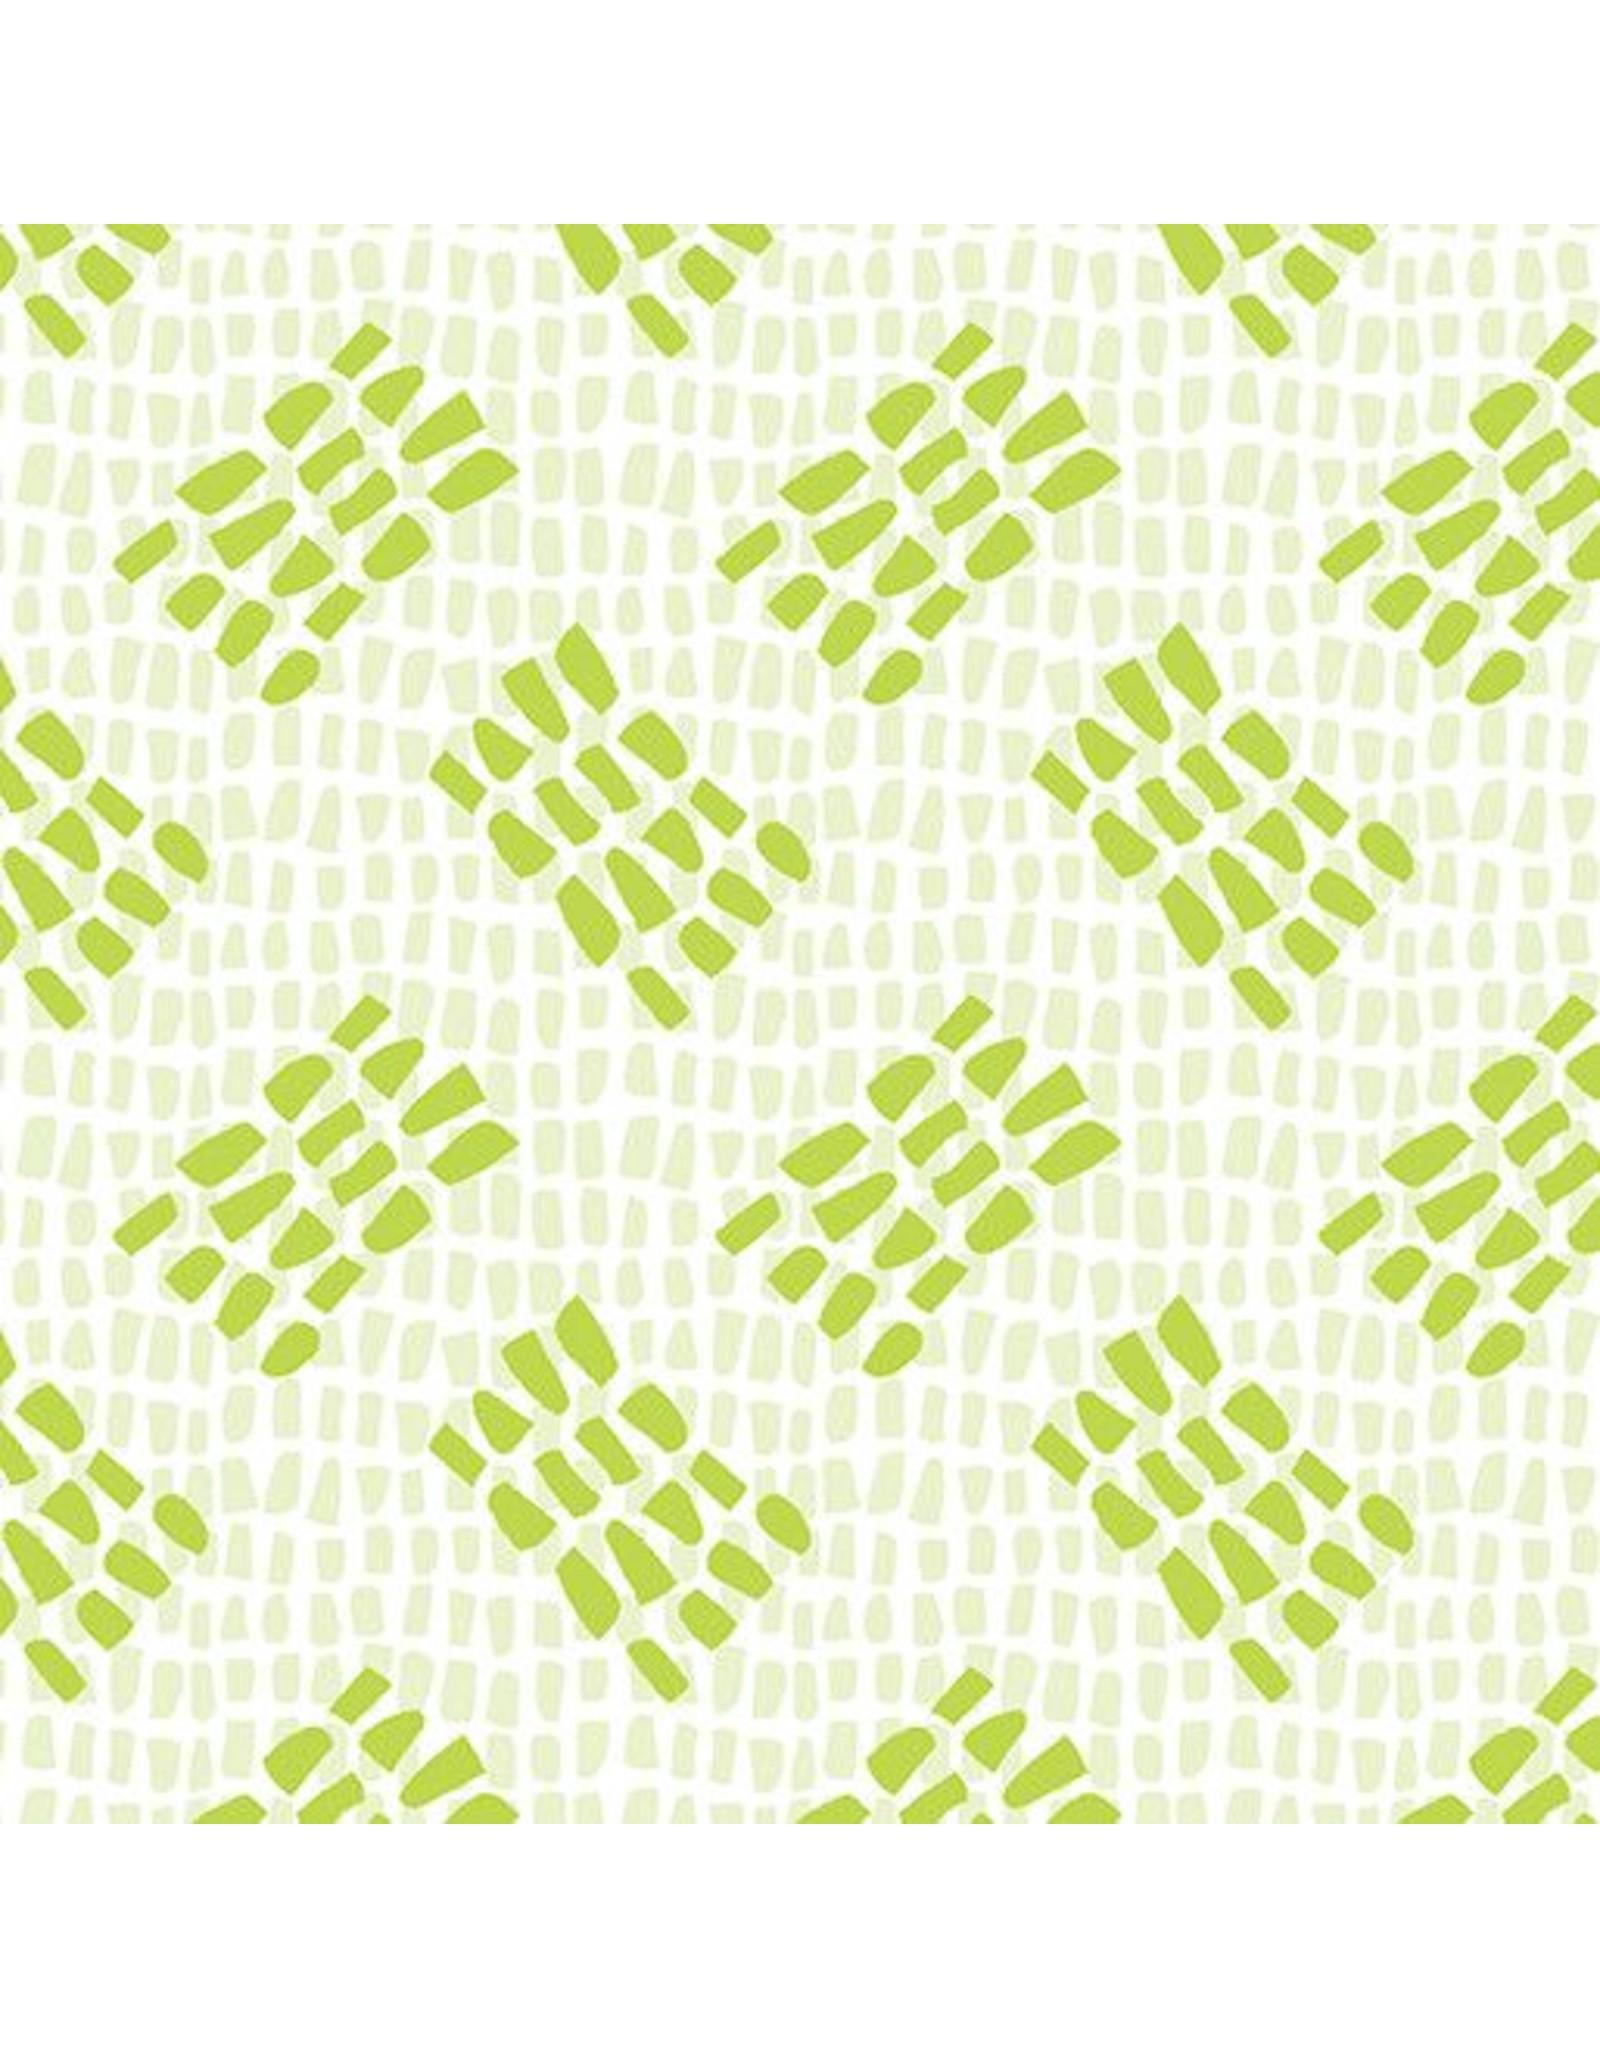 Contempo Abstract Garden - Tracks Light Green